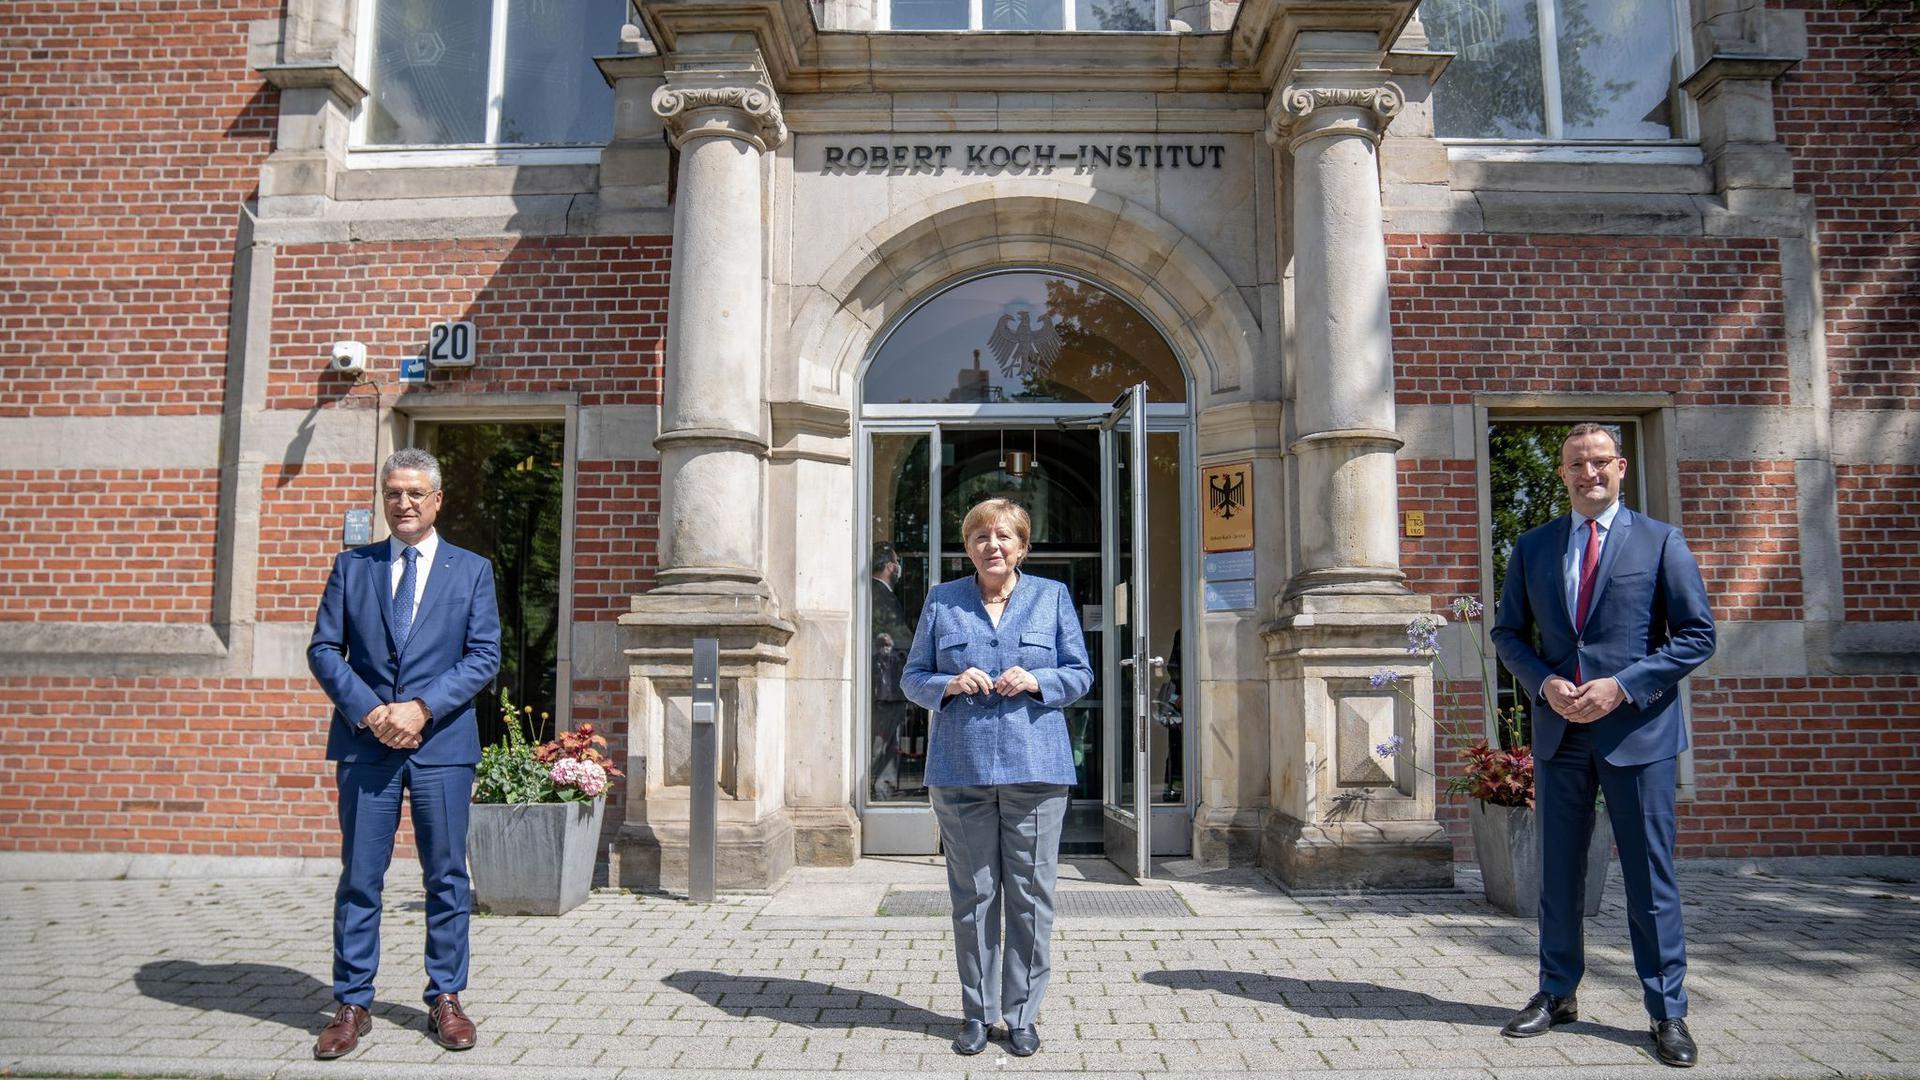 RKI-Präsident Lothar Wieler, Bundeskanzlerin Angela Merkel und Bundesgesundheitsminister Jens Spahn vor dem Eingang zum Robert Koch-Institut.